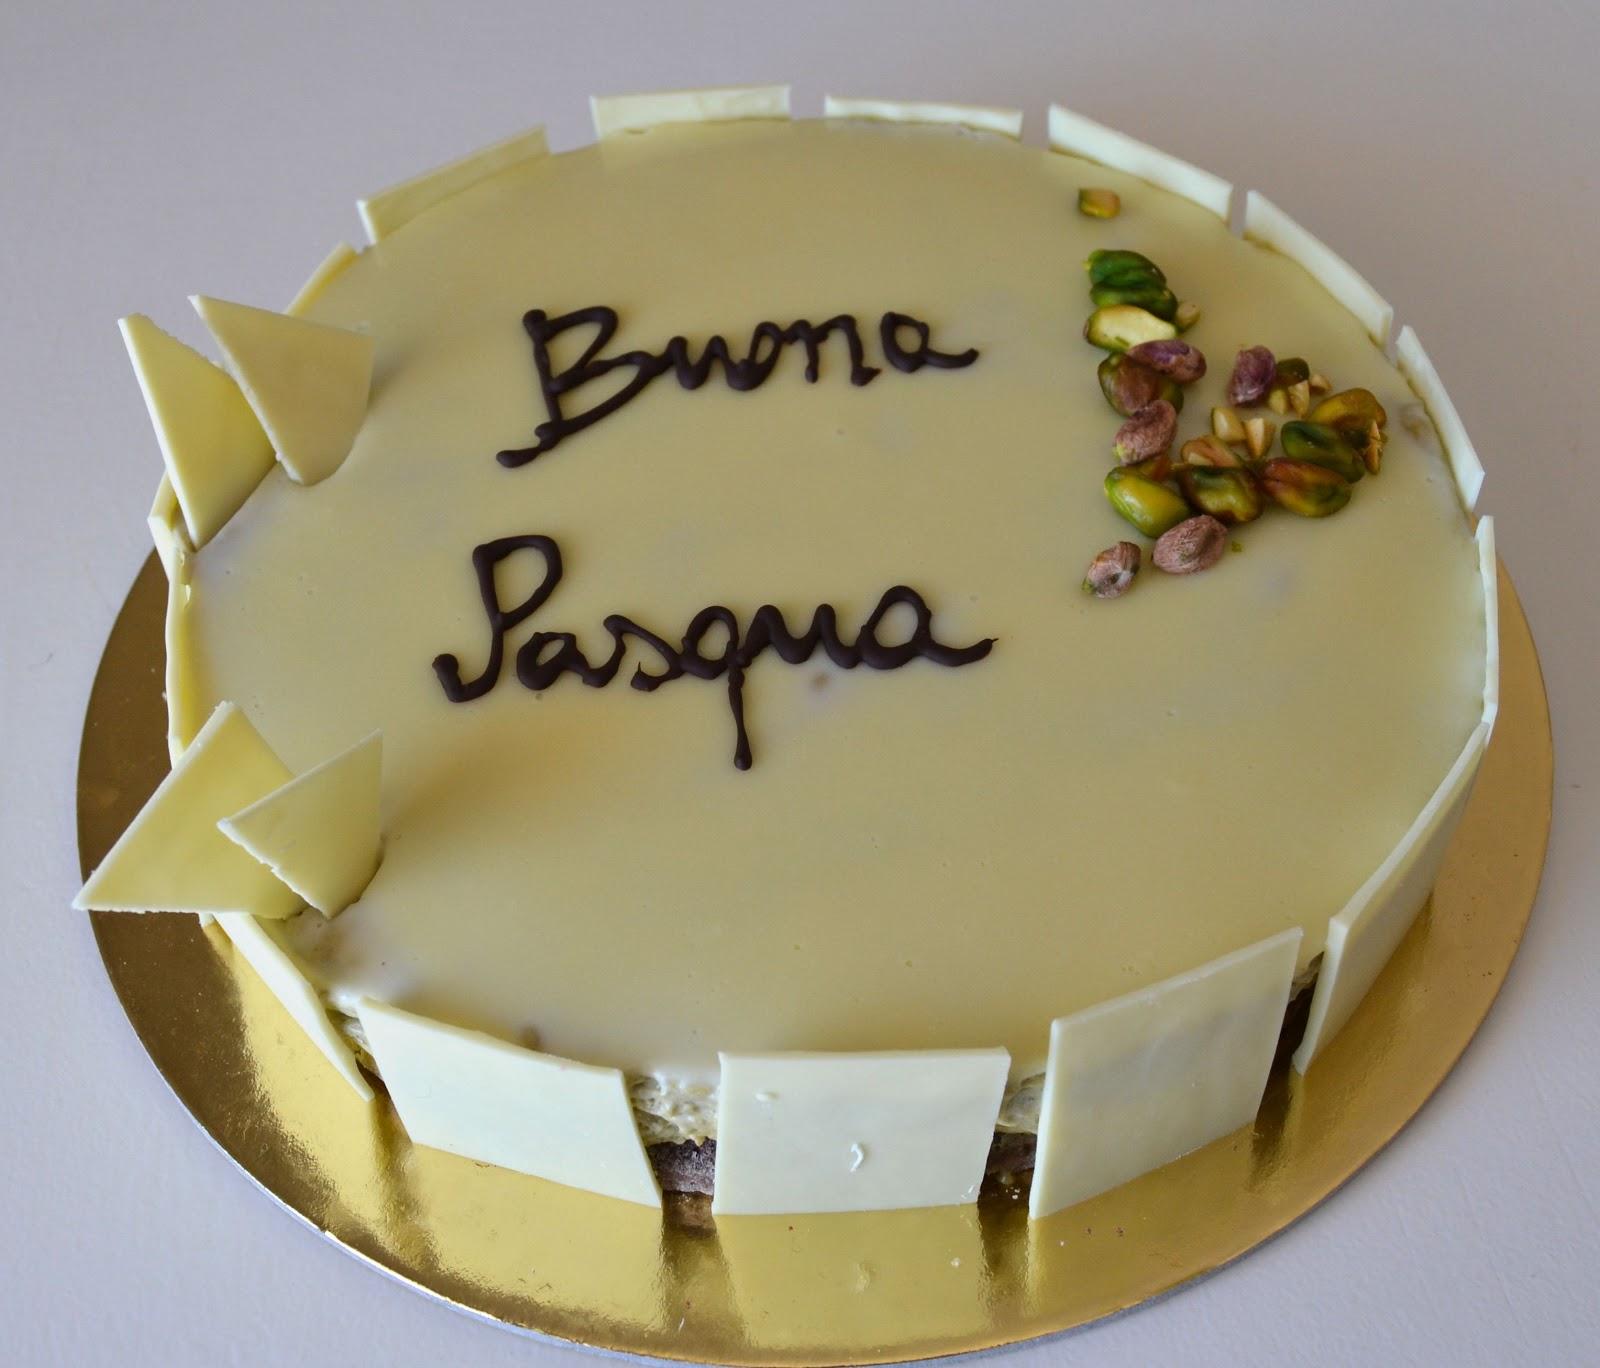 Buccia 39 s cakes torte per pasqua - Decorazioni torte con glassa ...